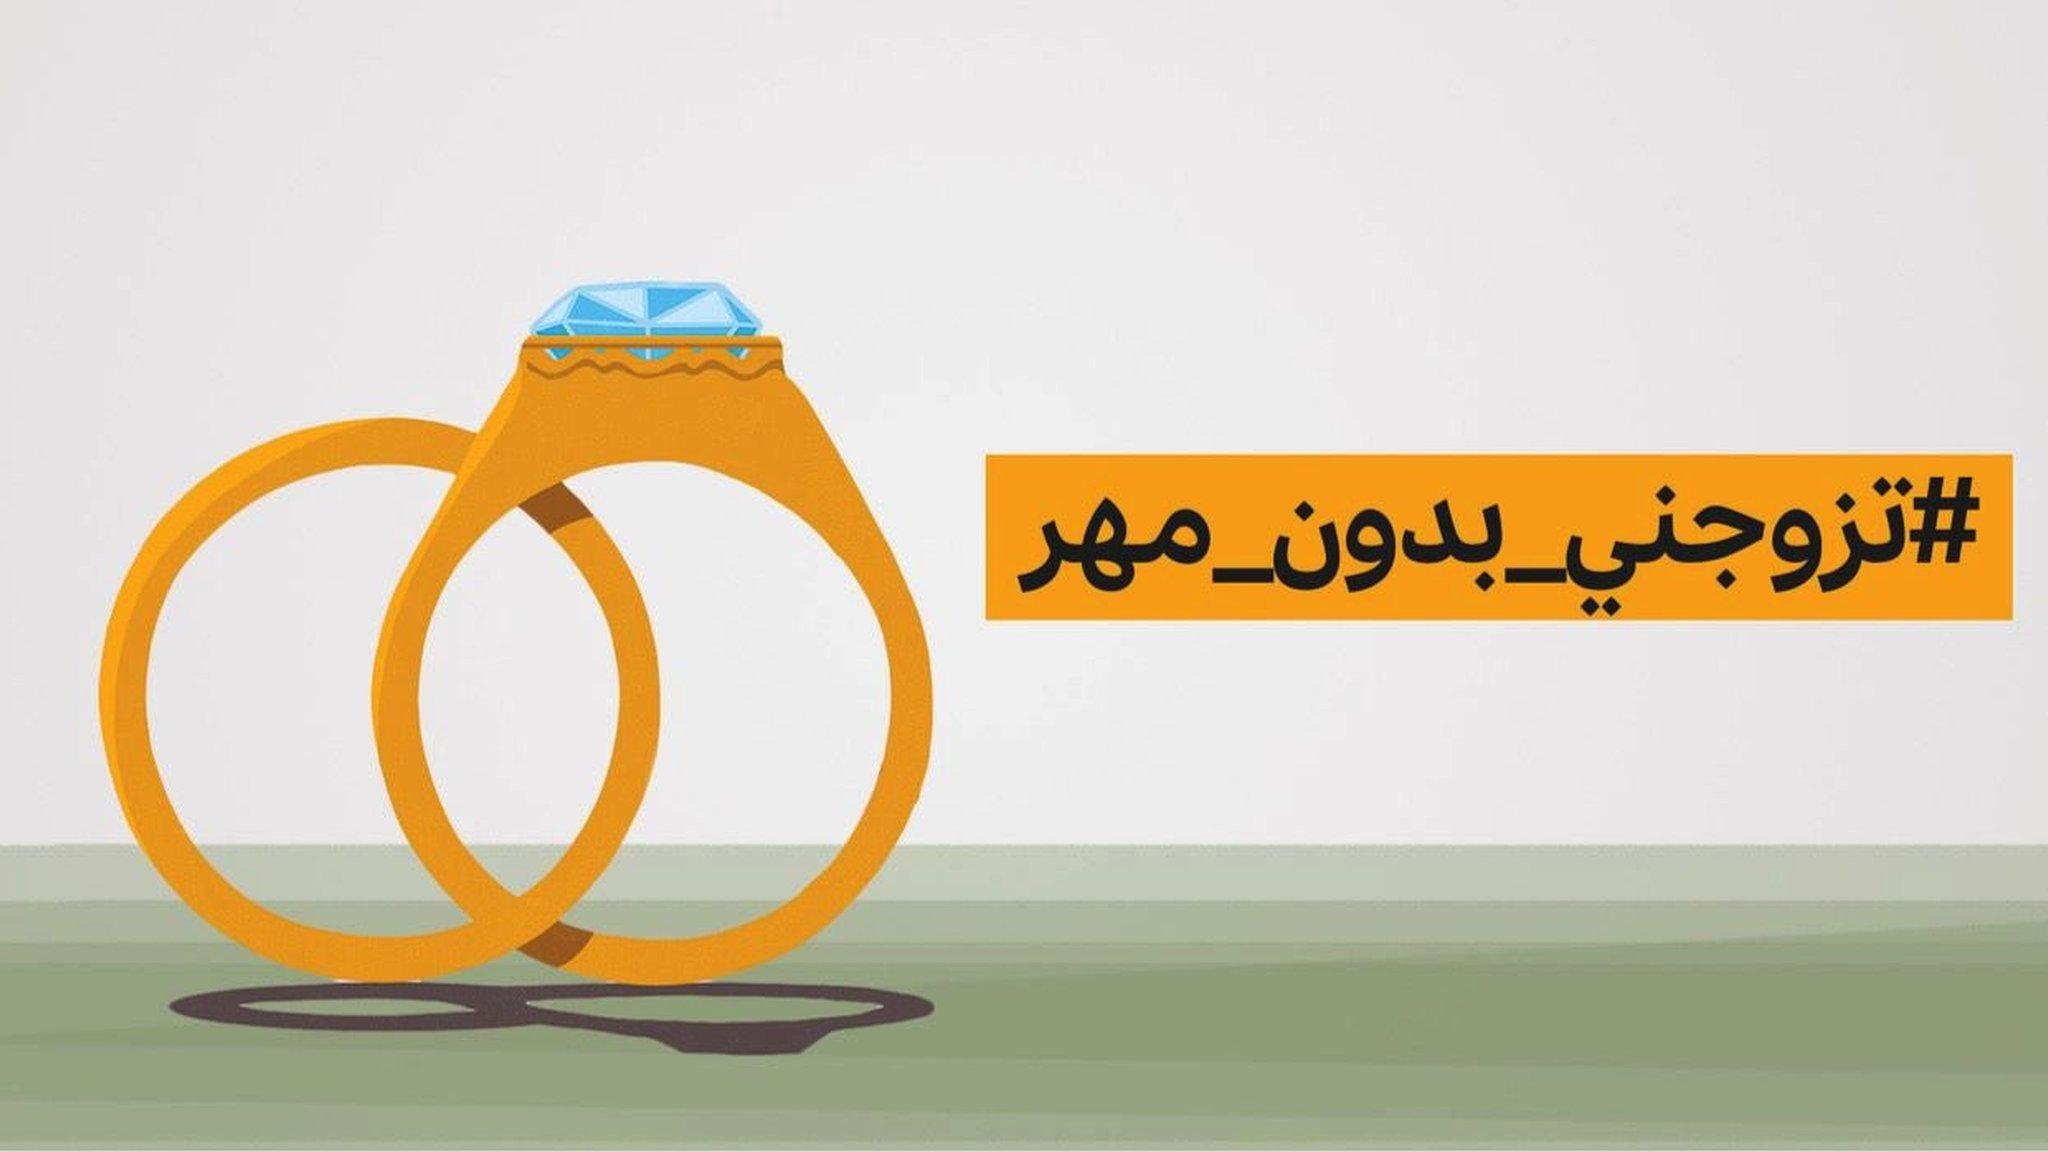 ما حقيقة حملة #تزوجني_بدون_مهر وما علاقتها بلبنان؟